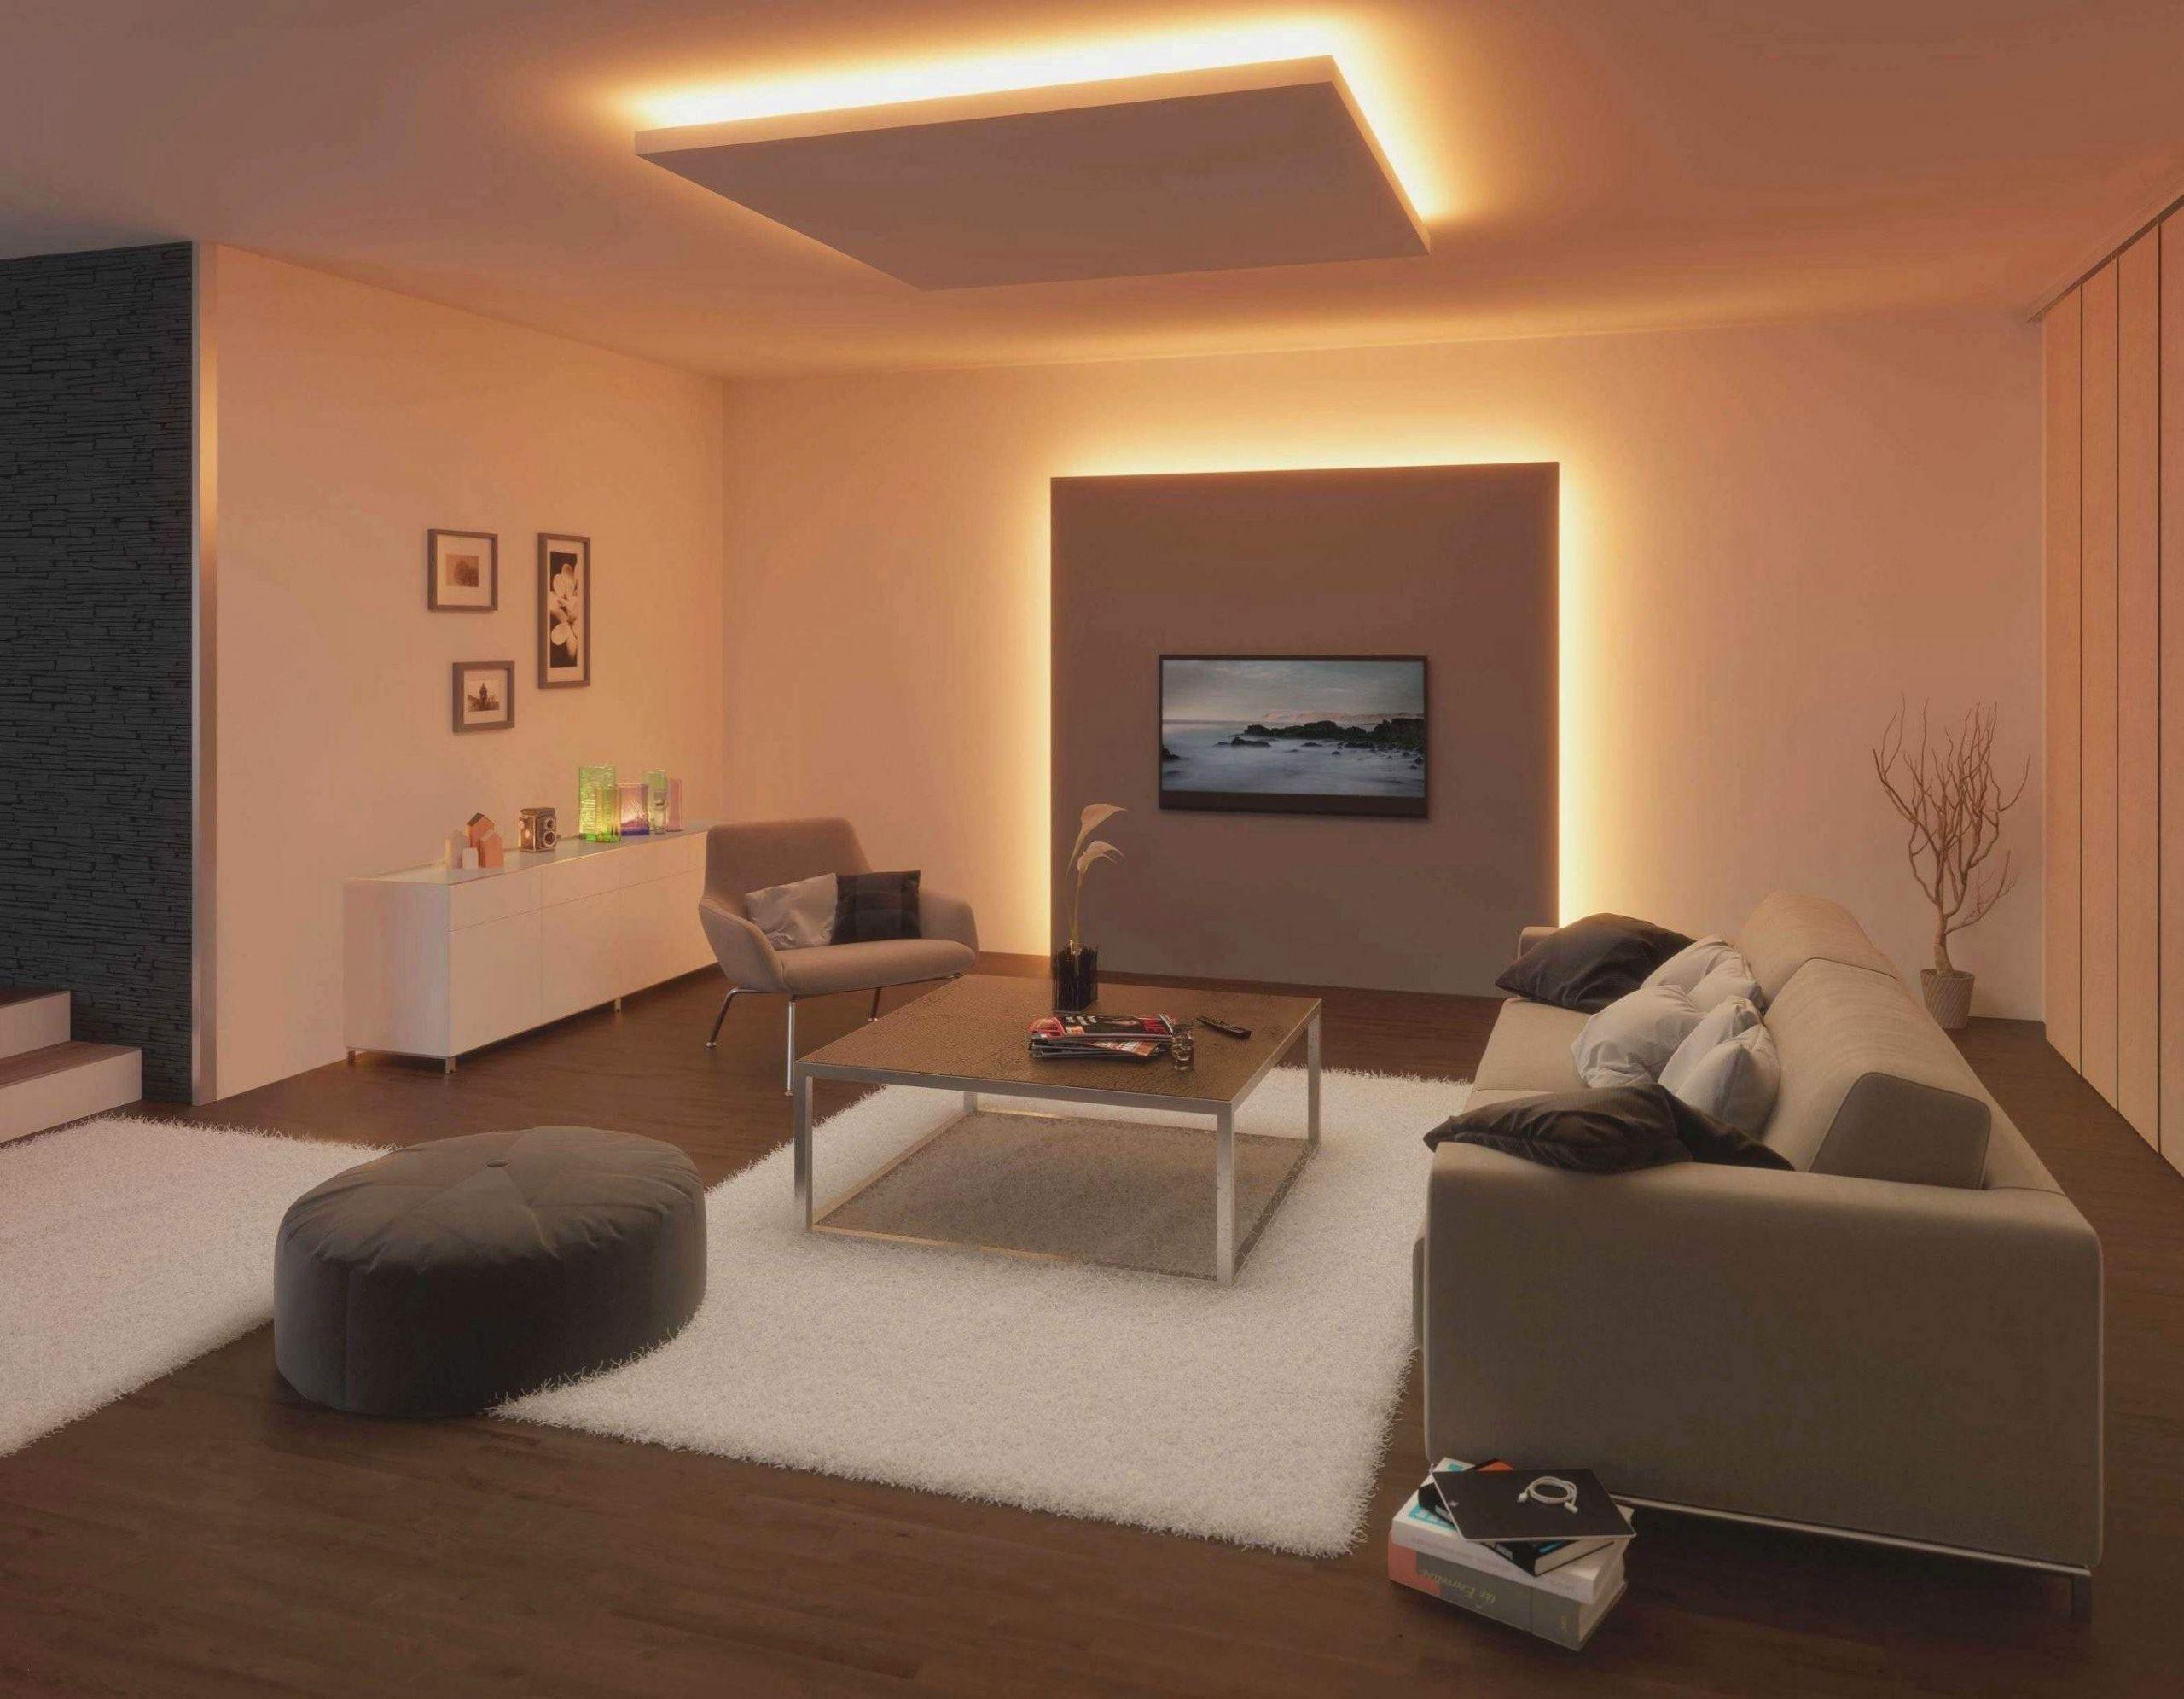 led leuchten wohnzimmer schon ikea lampen wohnzimmer design besten ideen ses jahr of led leuchten wohnzimmer